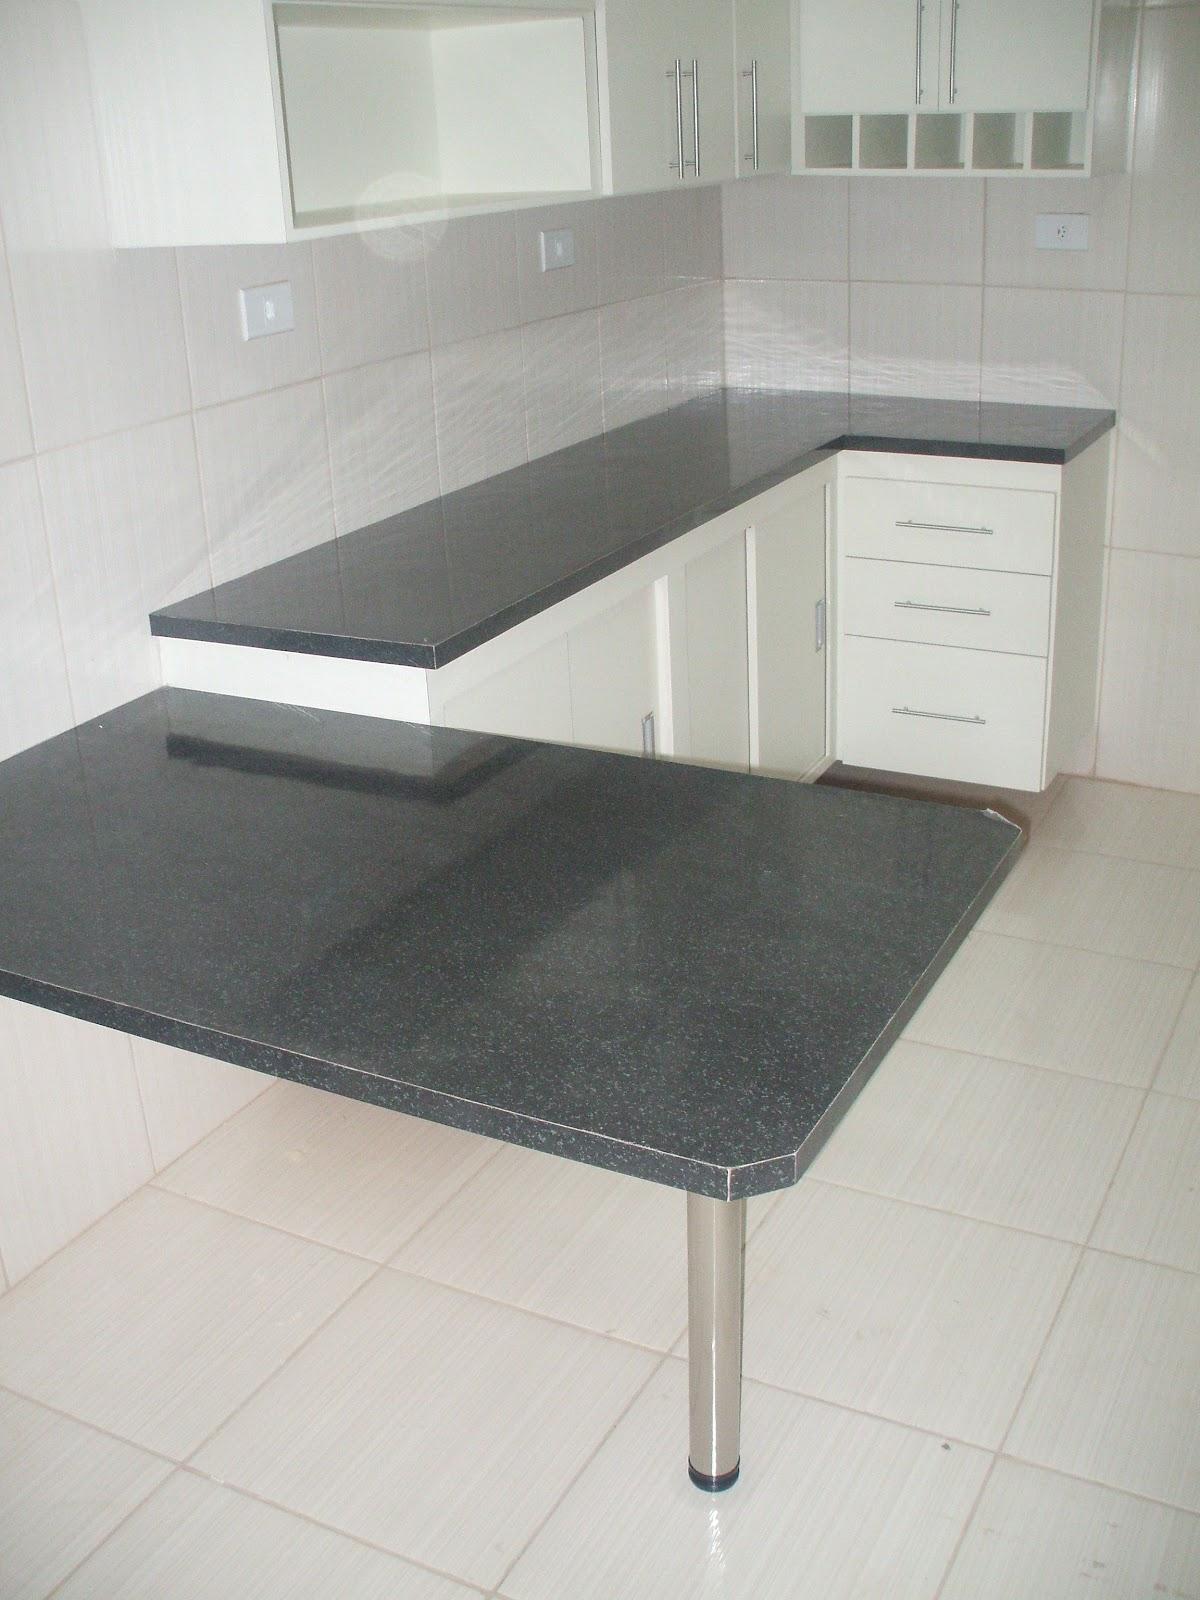 Foto: Cozinha Planejada No Granito Preto com Rodapé em Granito de Tok #6E675D 1200 1600